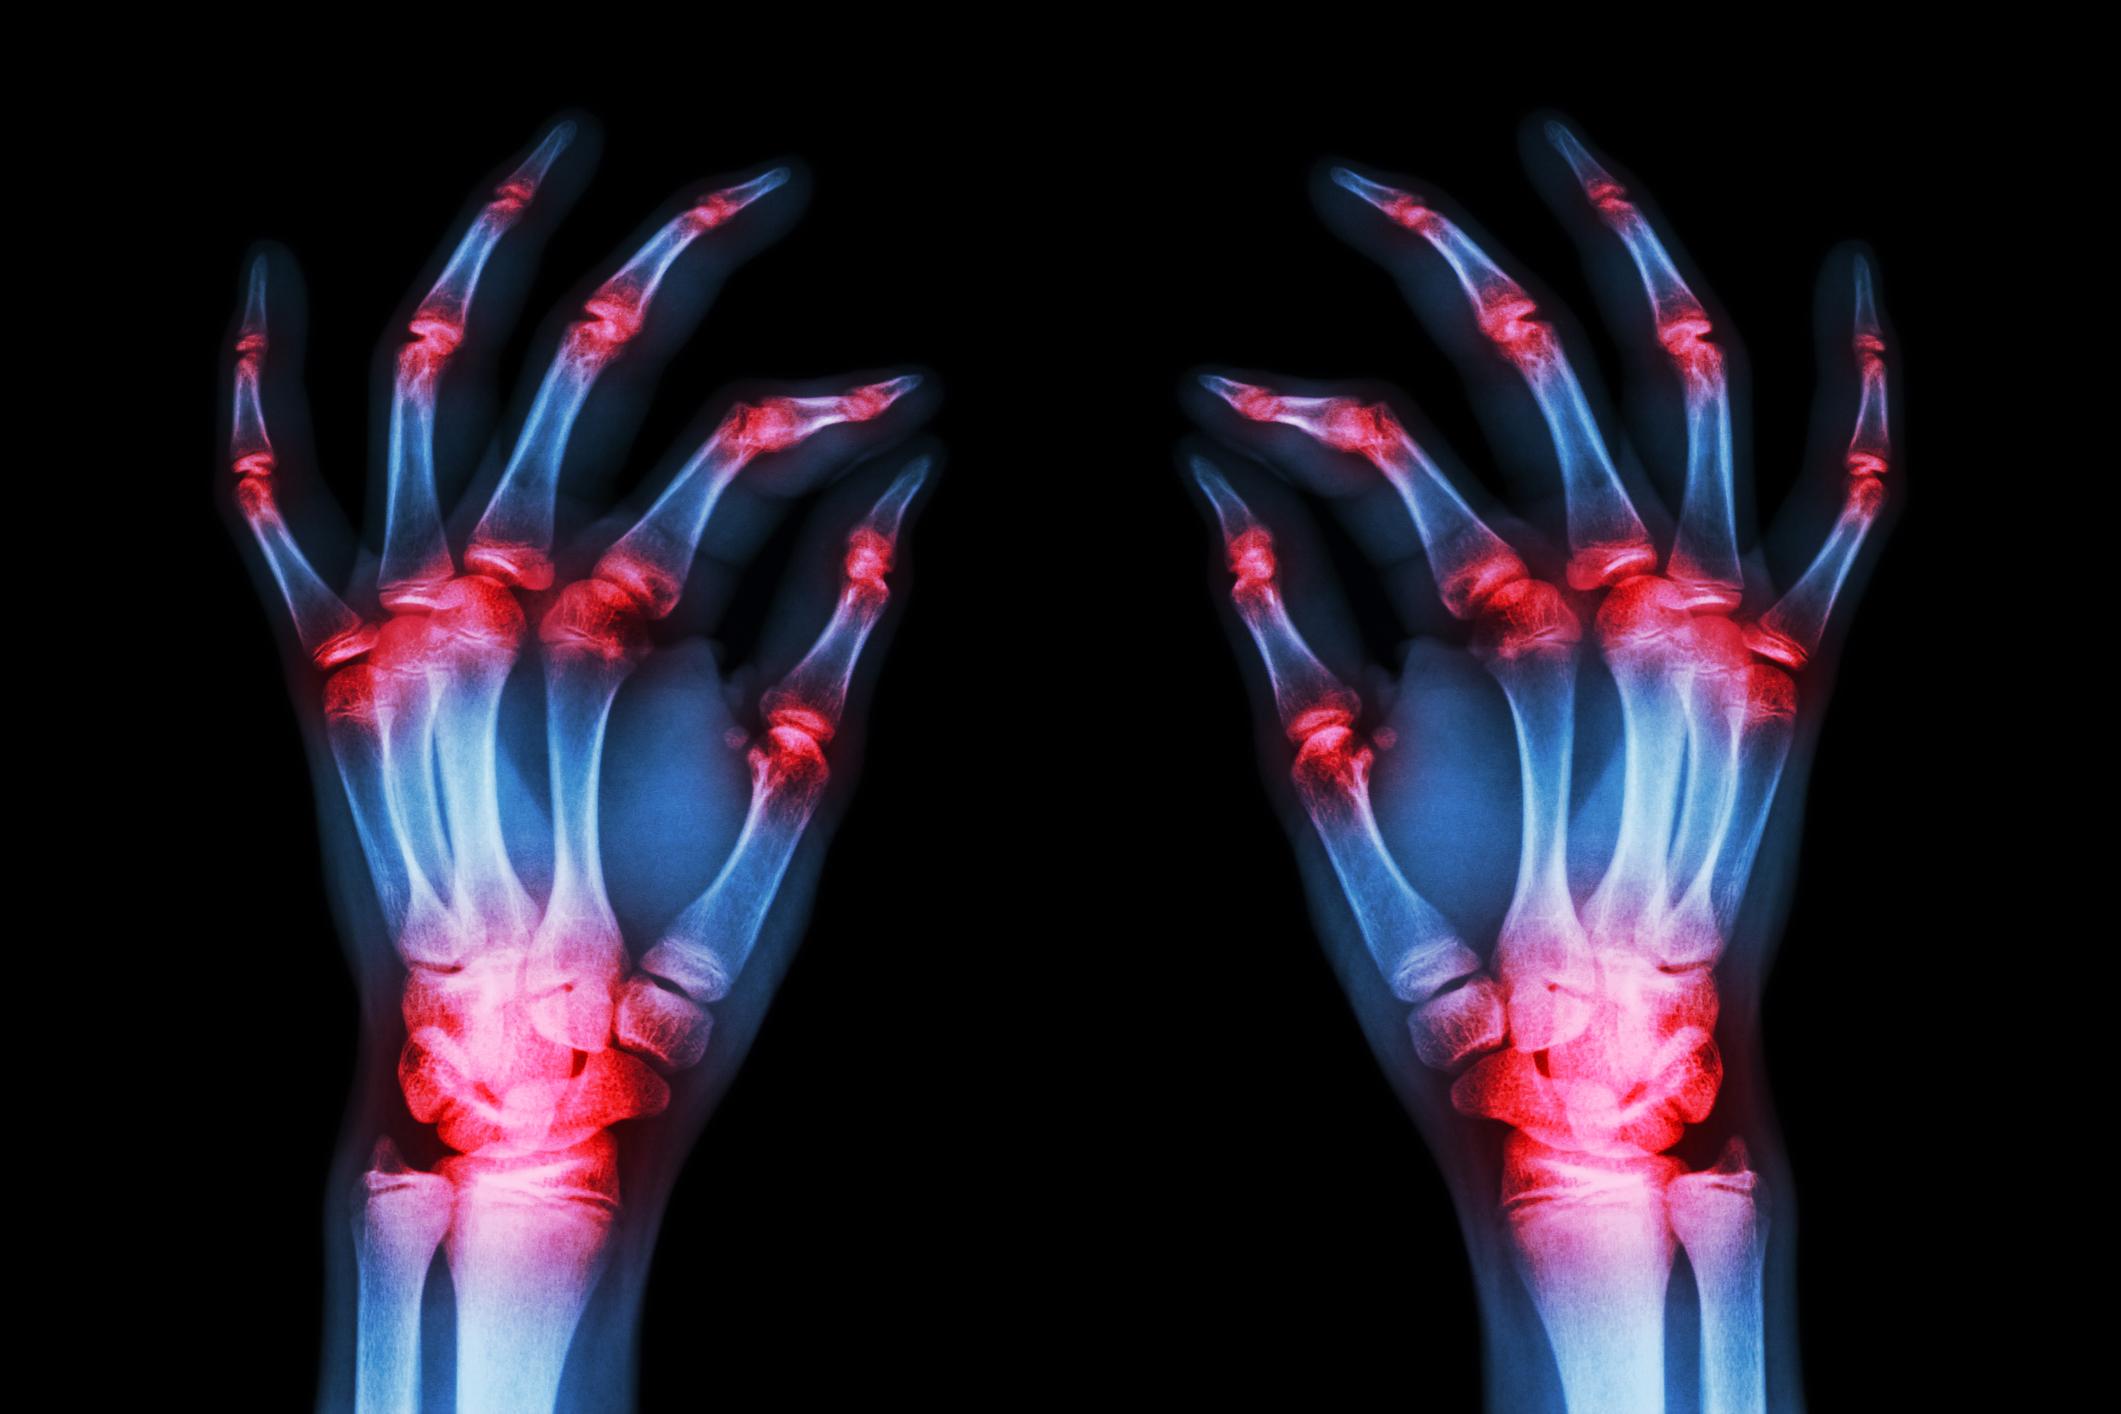 fájdalom a térdén agyagkezelés a csípő artrózisához